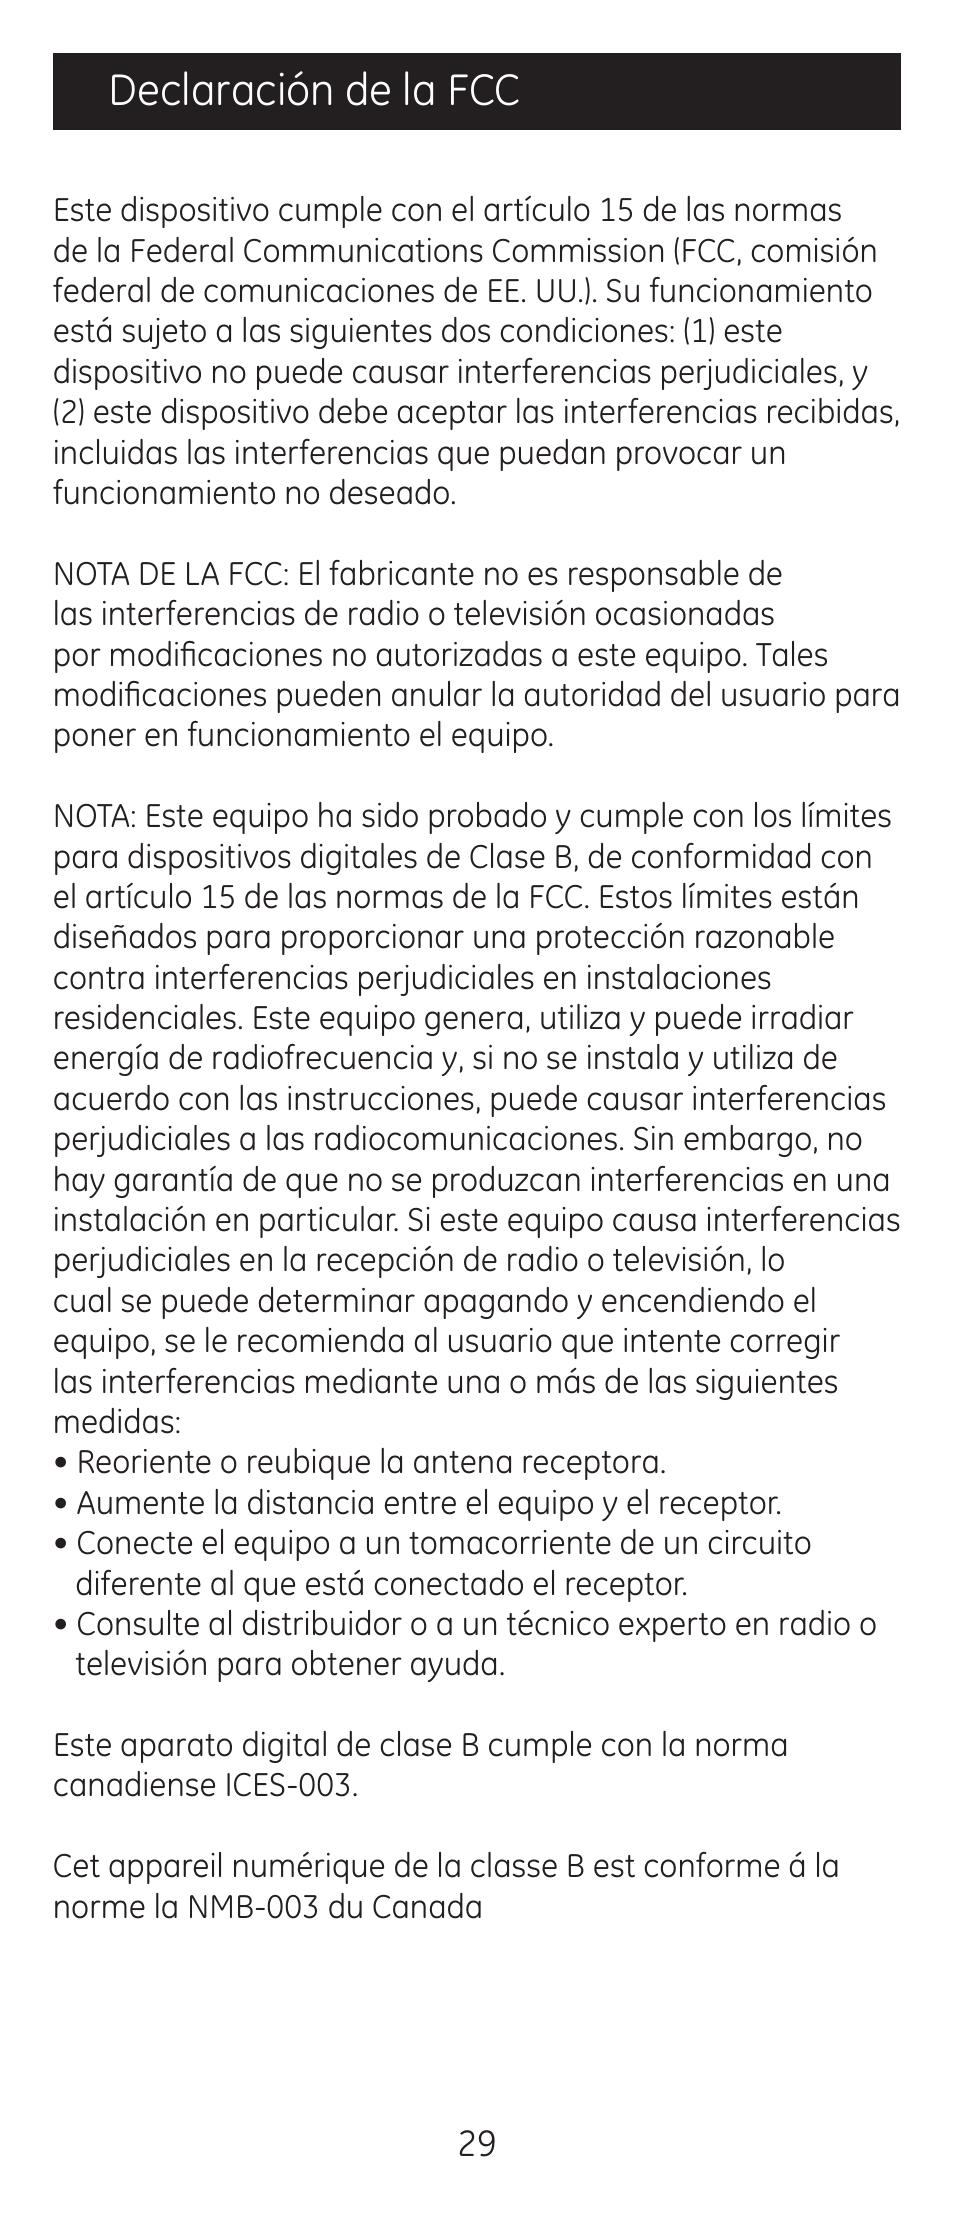 Declaración de la fcc | GE 24912-v2 GE Universal Remote User Manual | Page